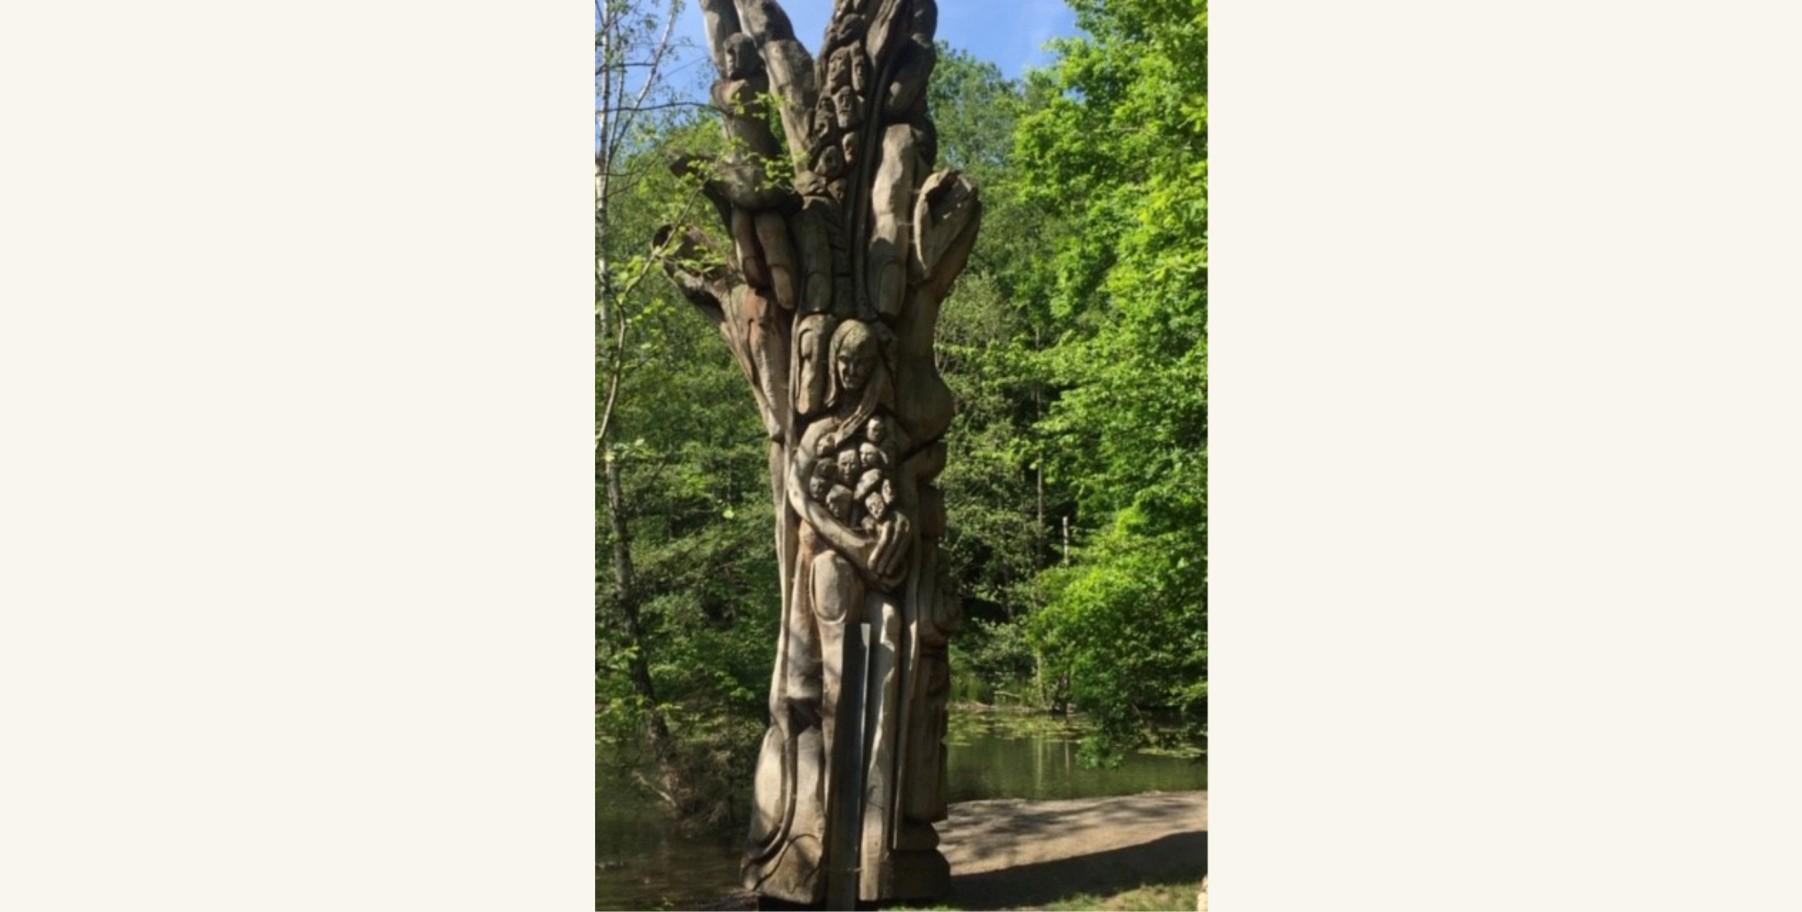 »Lebensbaum« von Mile Prerad. Das Kunstobjekt steht am Hexenteich in Menden/Sauerland. (Foto: Gisela Habekost)